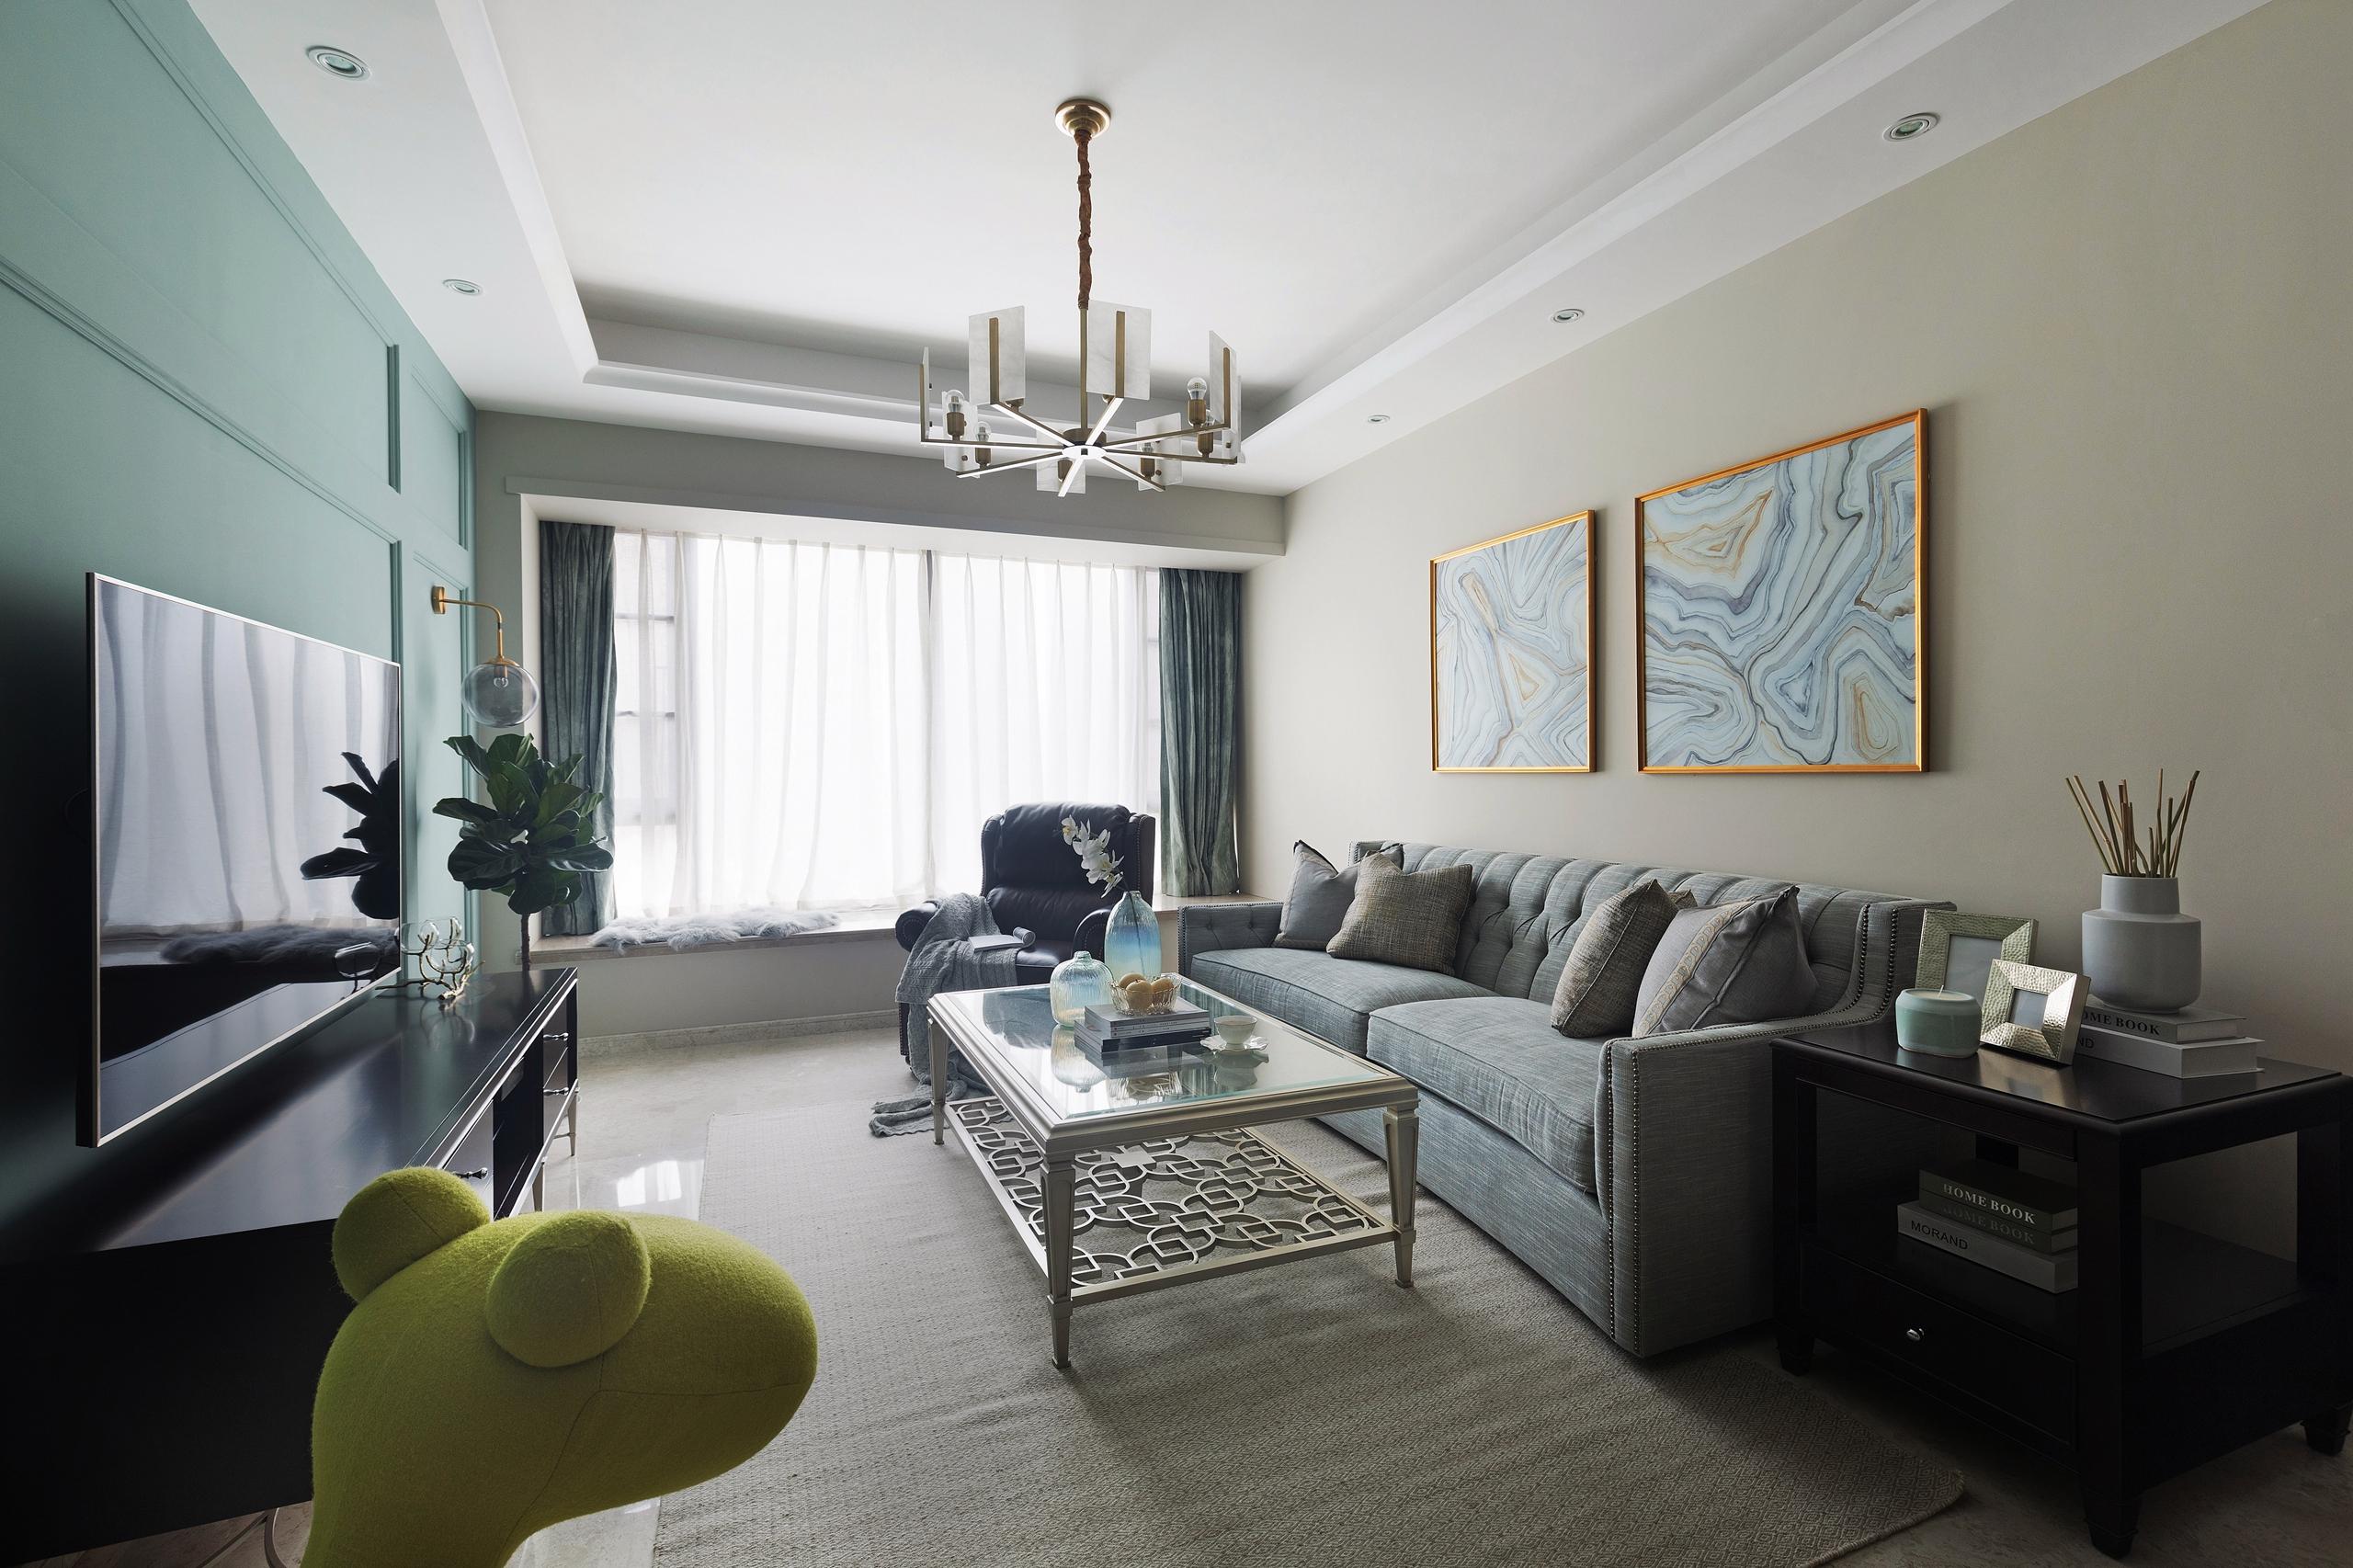 质朴113平简欧三居客厅装修图片客厅窗帘3图北欧极简客厅设计图片赏析